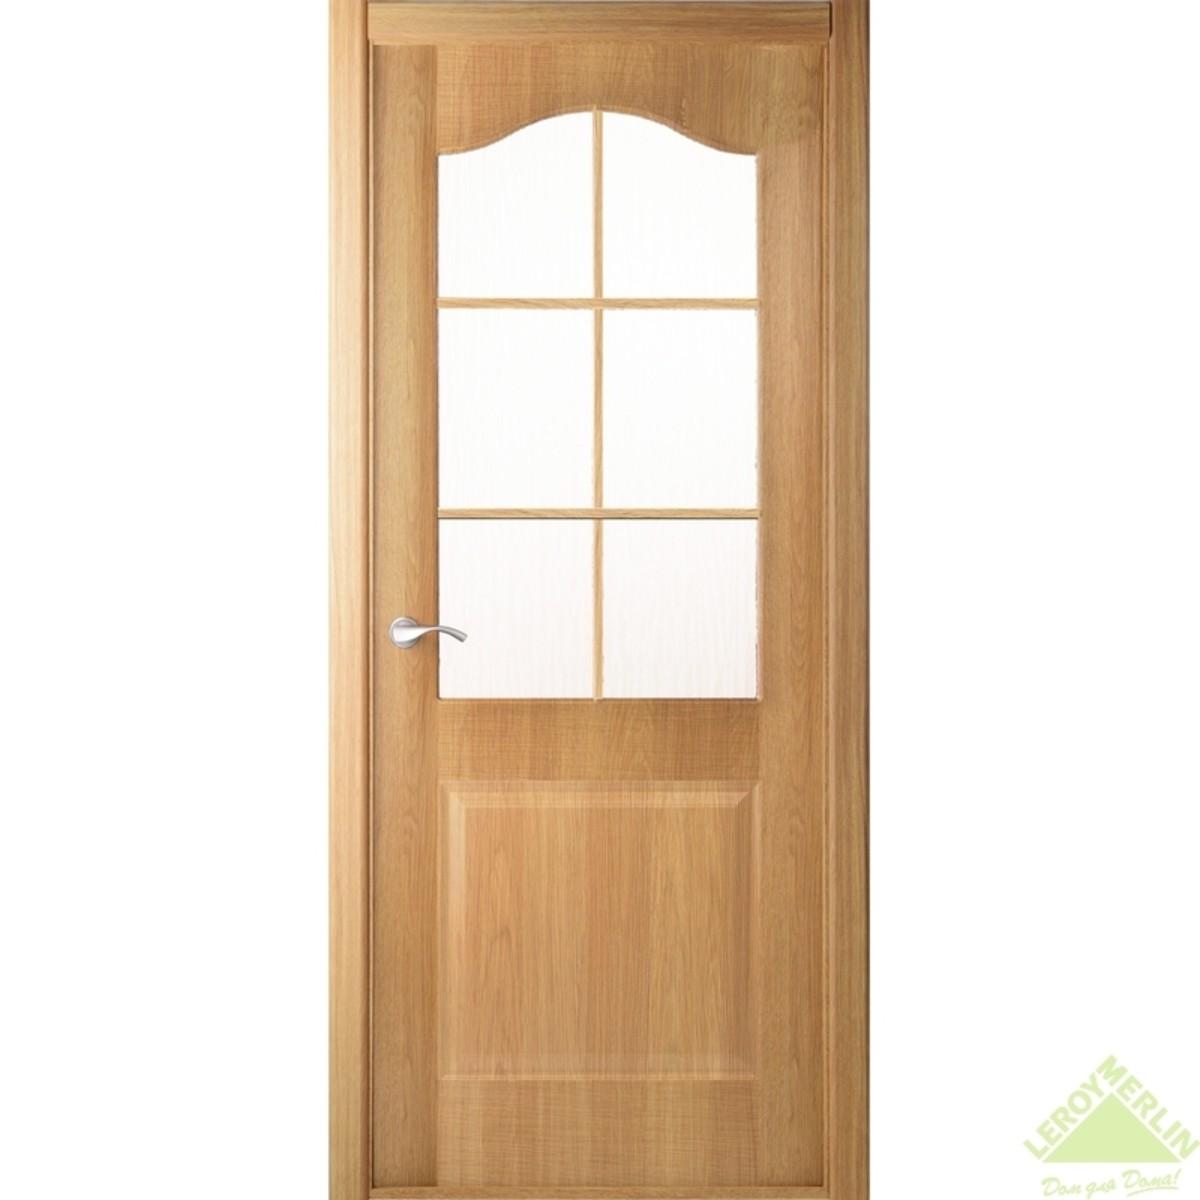 Дверь межкомнатная остеклённая Капричеза 800x2000 мм светлый дуб